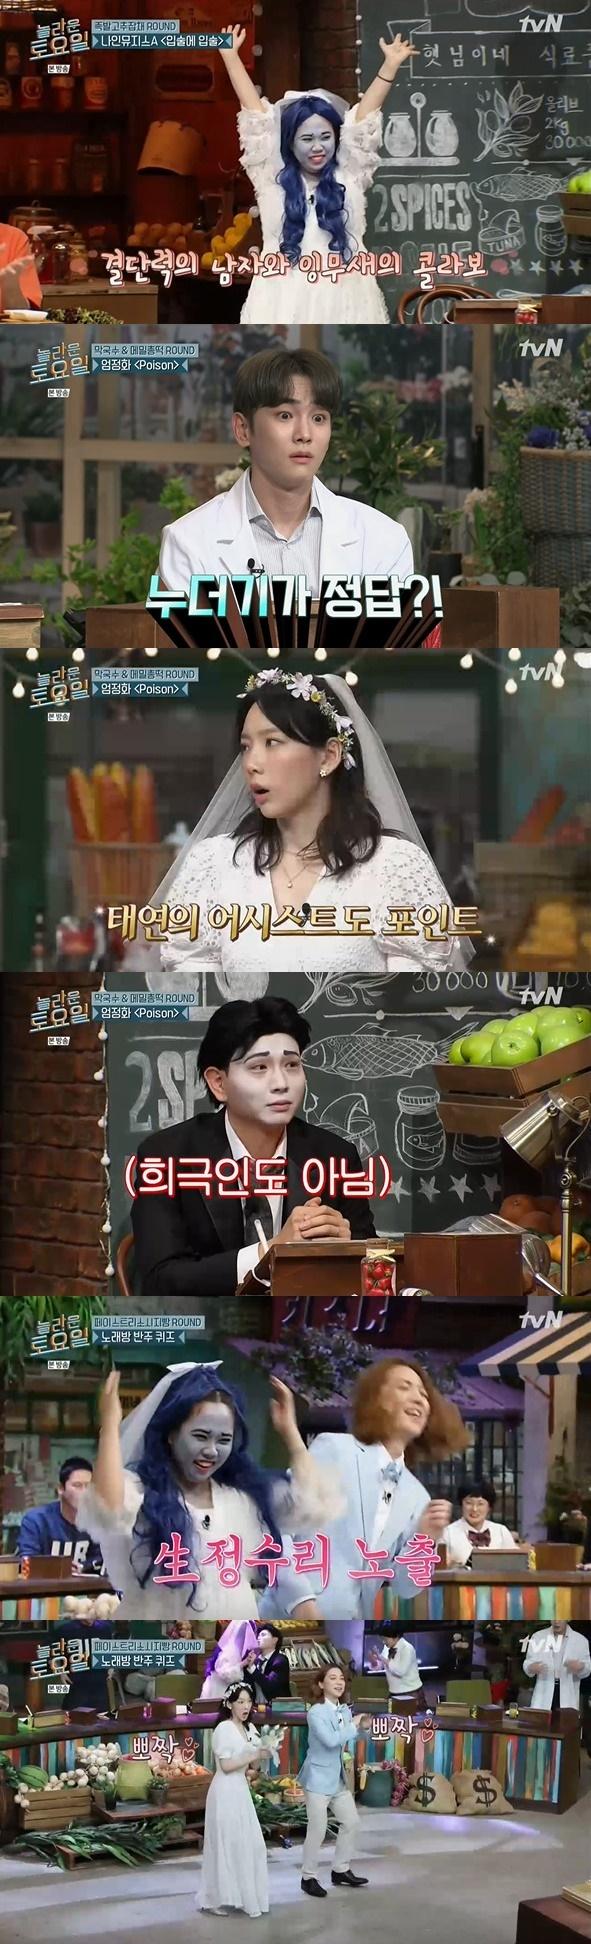 '놀토' 홍현희♥제이쓴, 웃음·받쓰 다 되는 '능력자 부부'(종합)